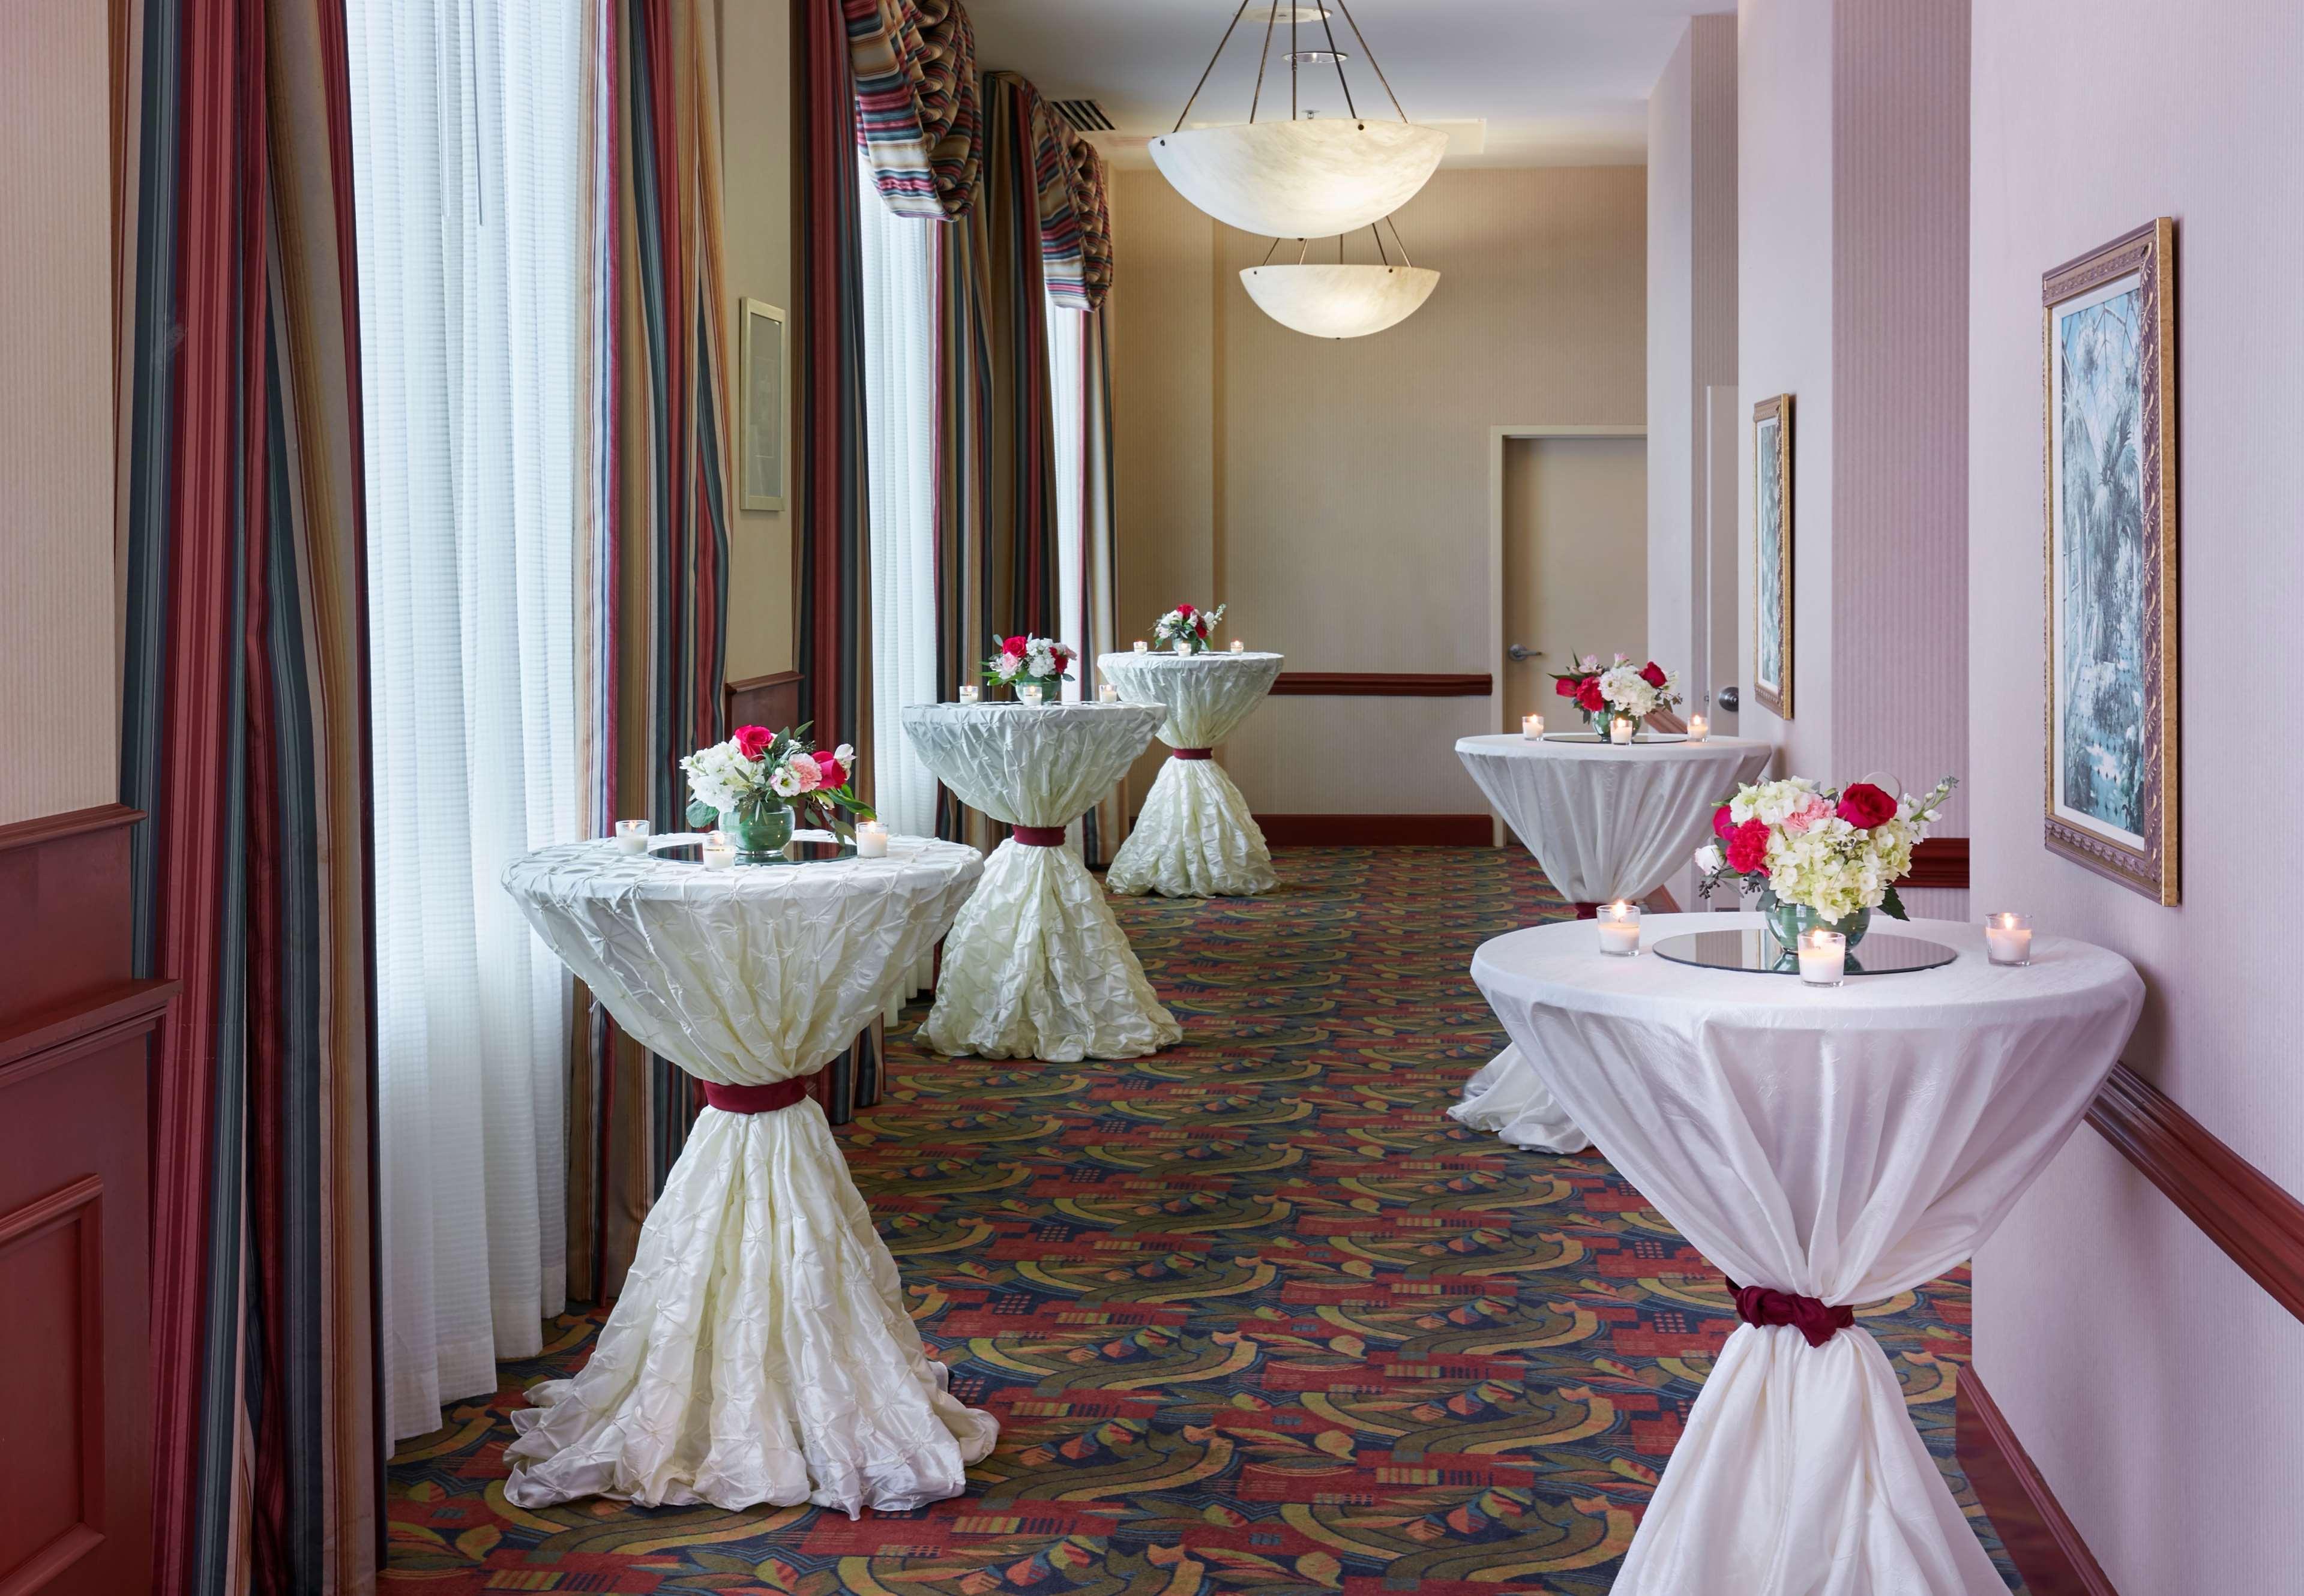 Hilton Garden Inn Charlotte Uptown image 32